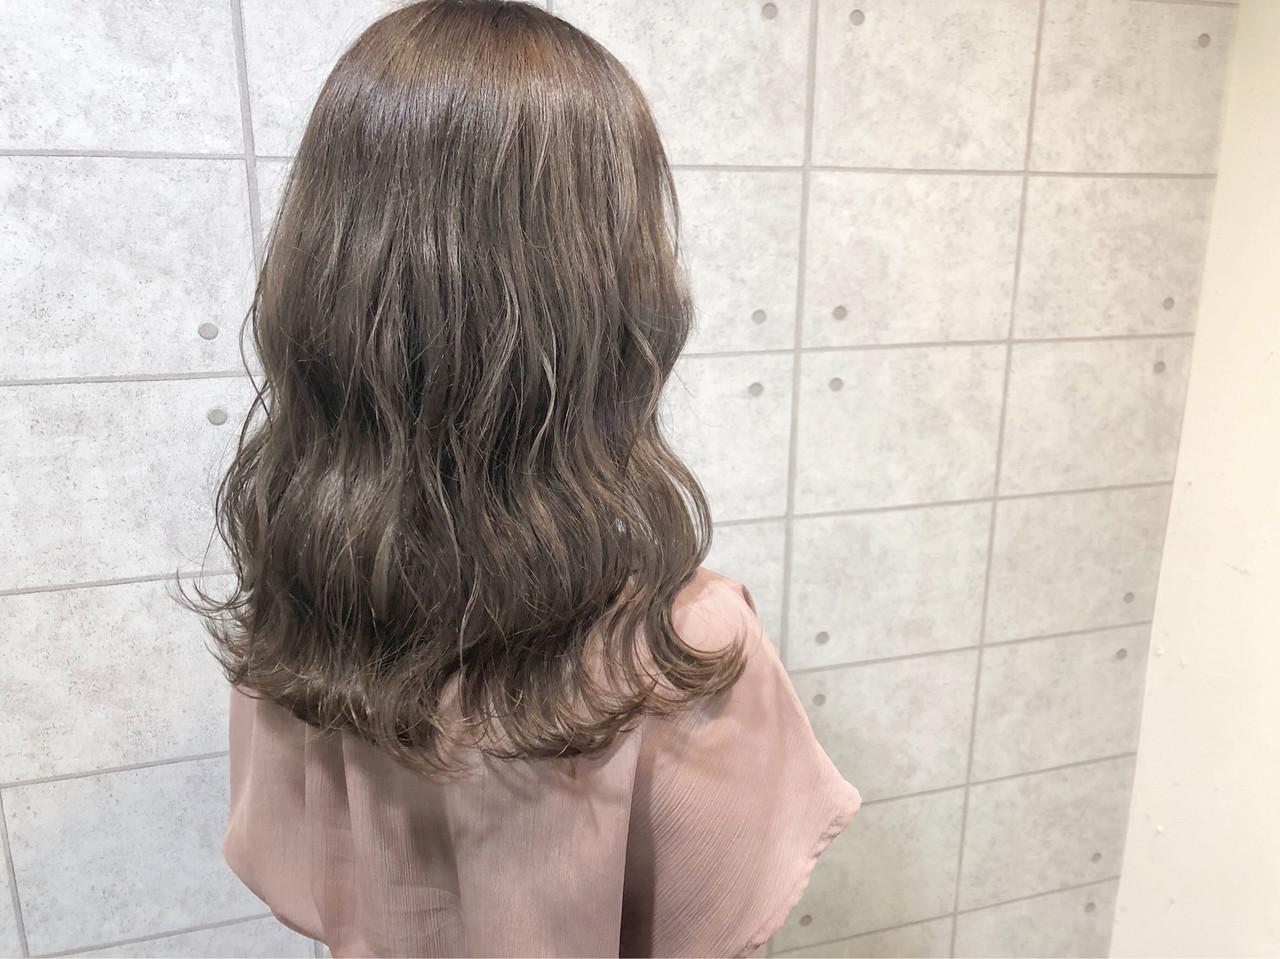 モカベージュ イルミナカラー ナチュラル ブリーチカラー ヘアスタイルや髪型の写真・画像